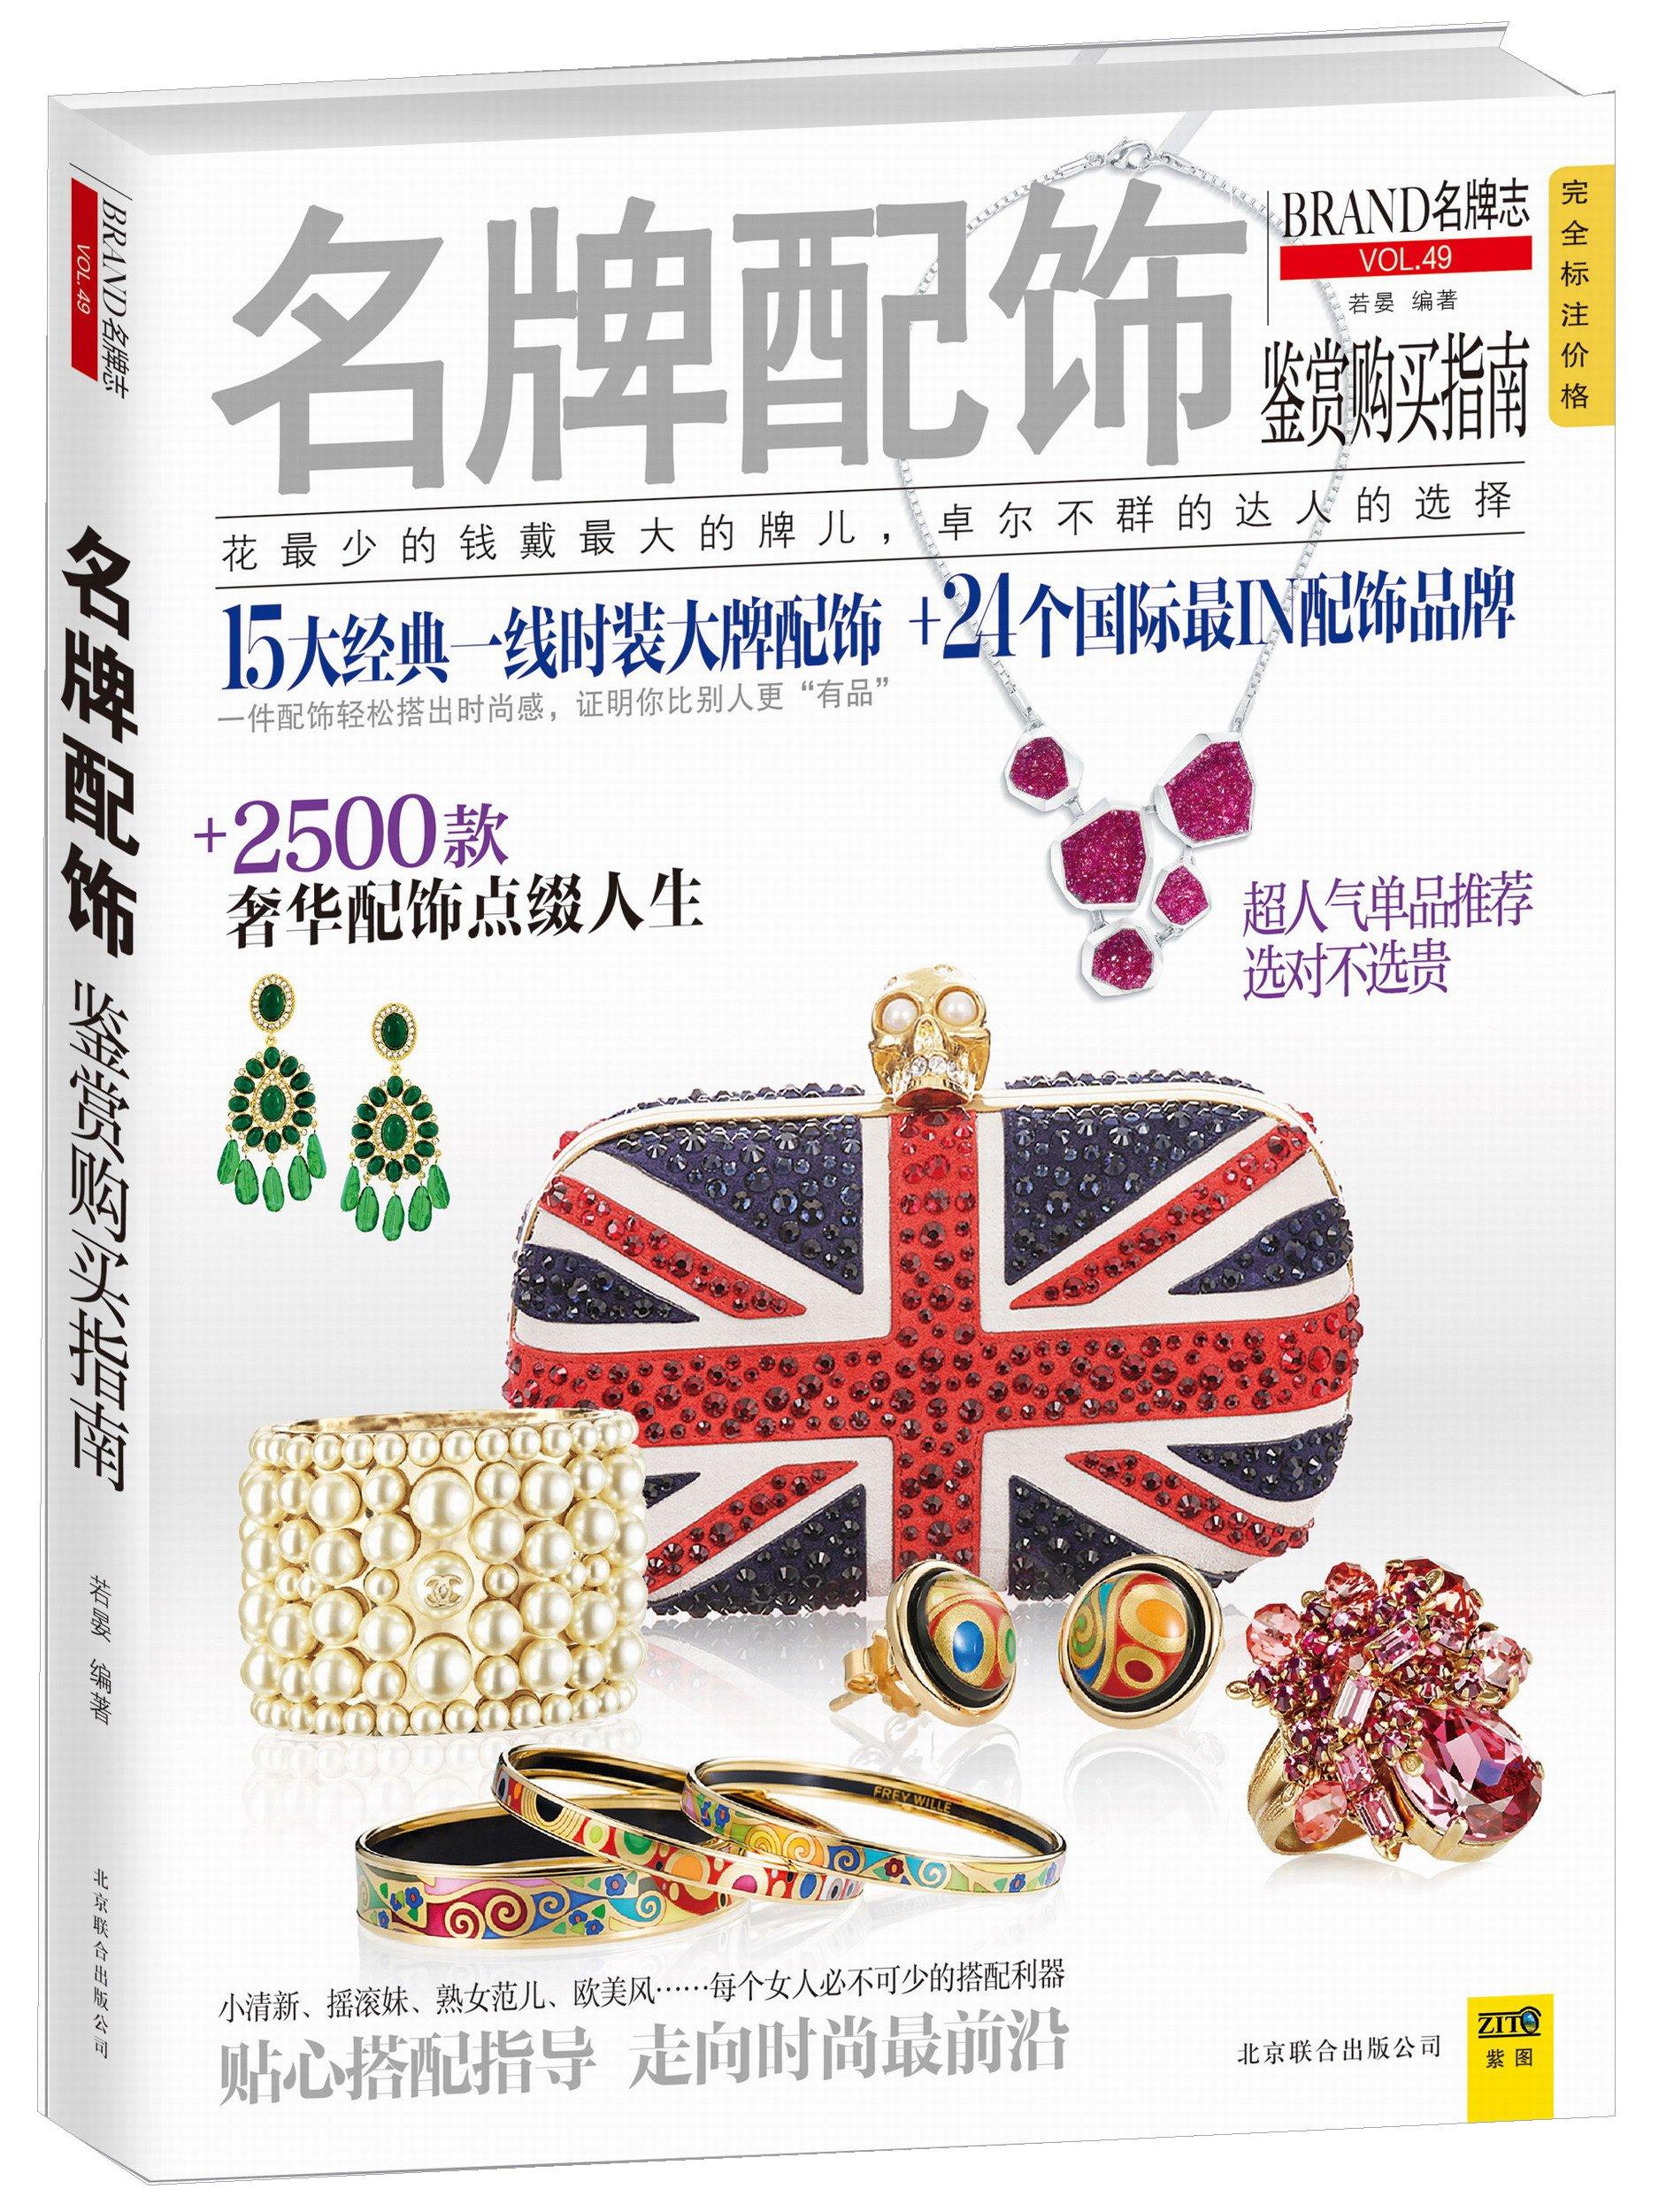 韓国の美的手作りシリーズ:古典的な韓国風アクセサリー